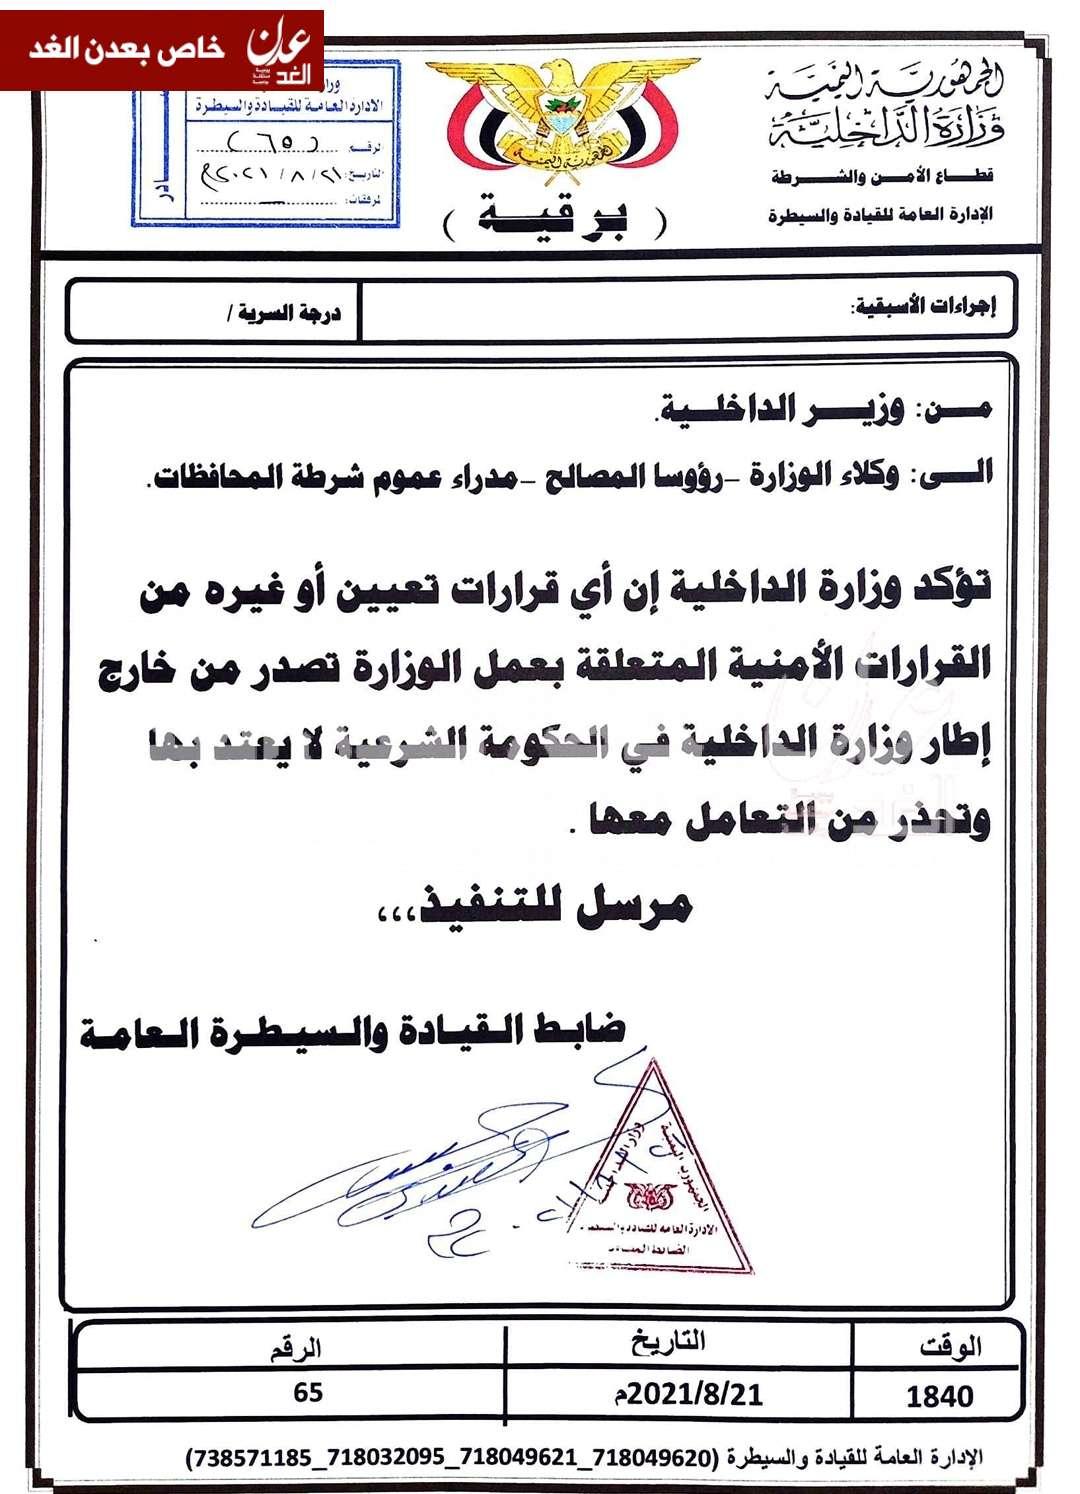 عاجل: برقية لوزارة الداخلية تجدد بطلان اي قرارات أمنية خارج إطار الوزارة وتحذر